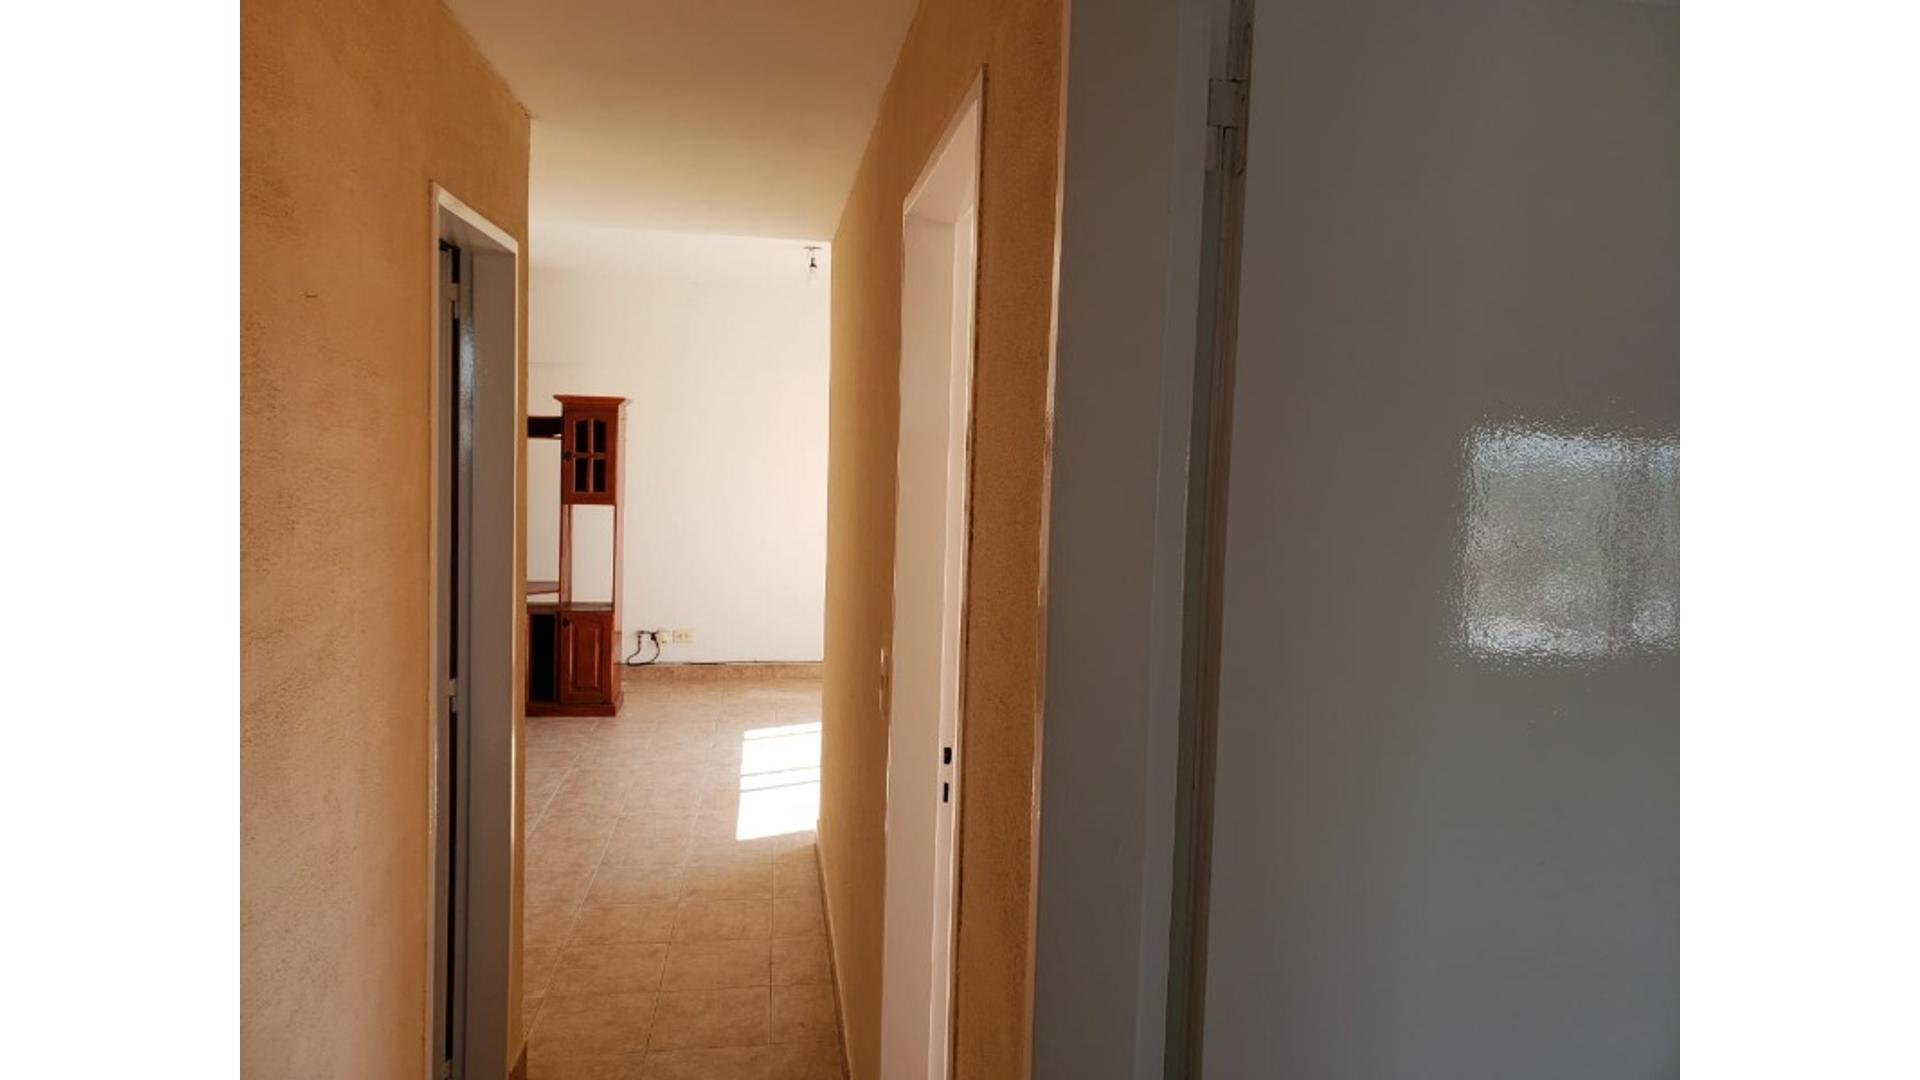 Departamento - 57 m² | 2 dormitorios | 24 años